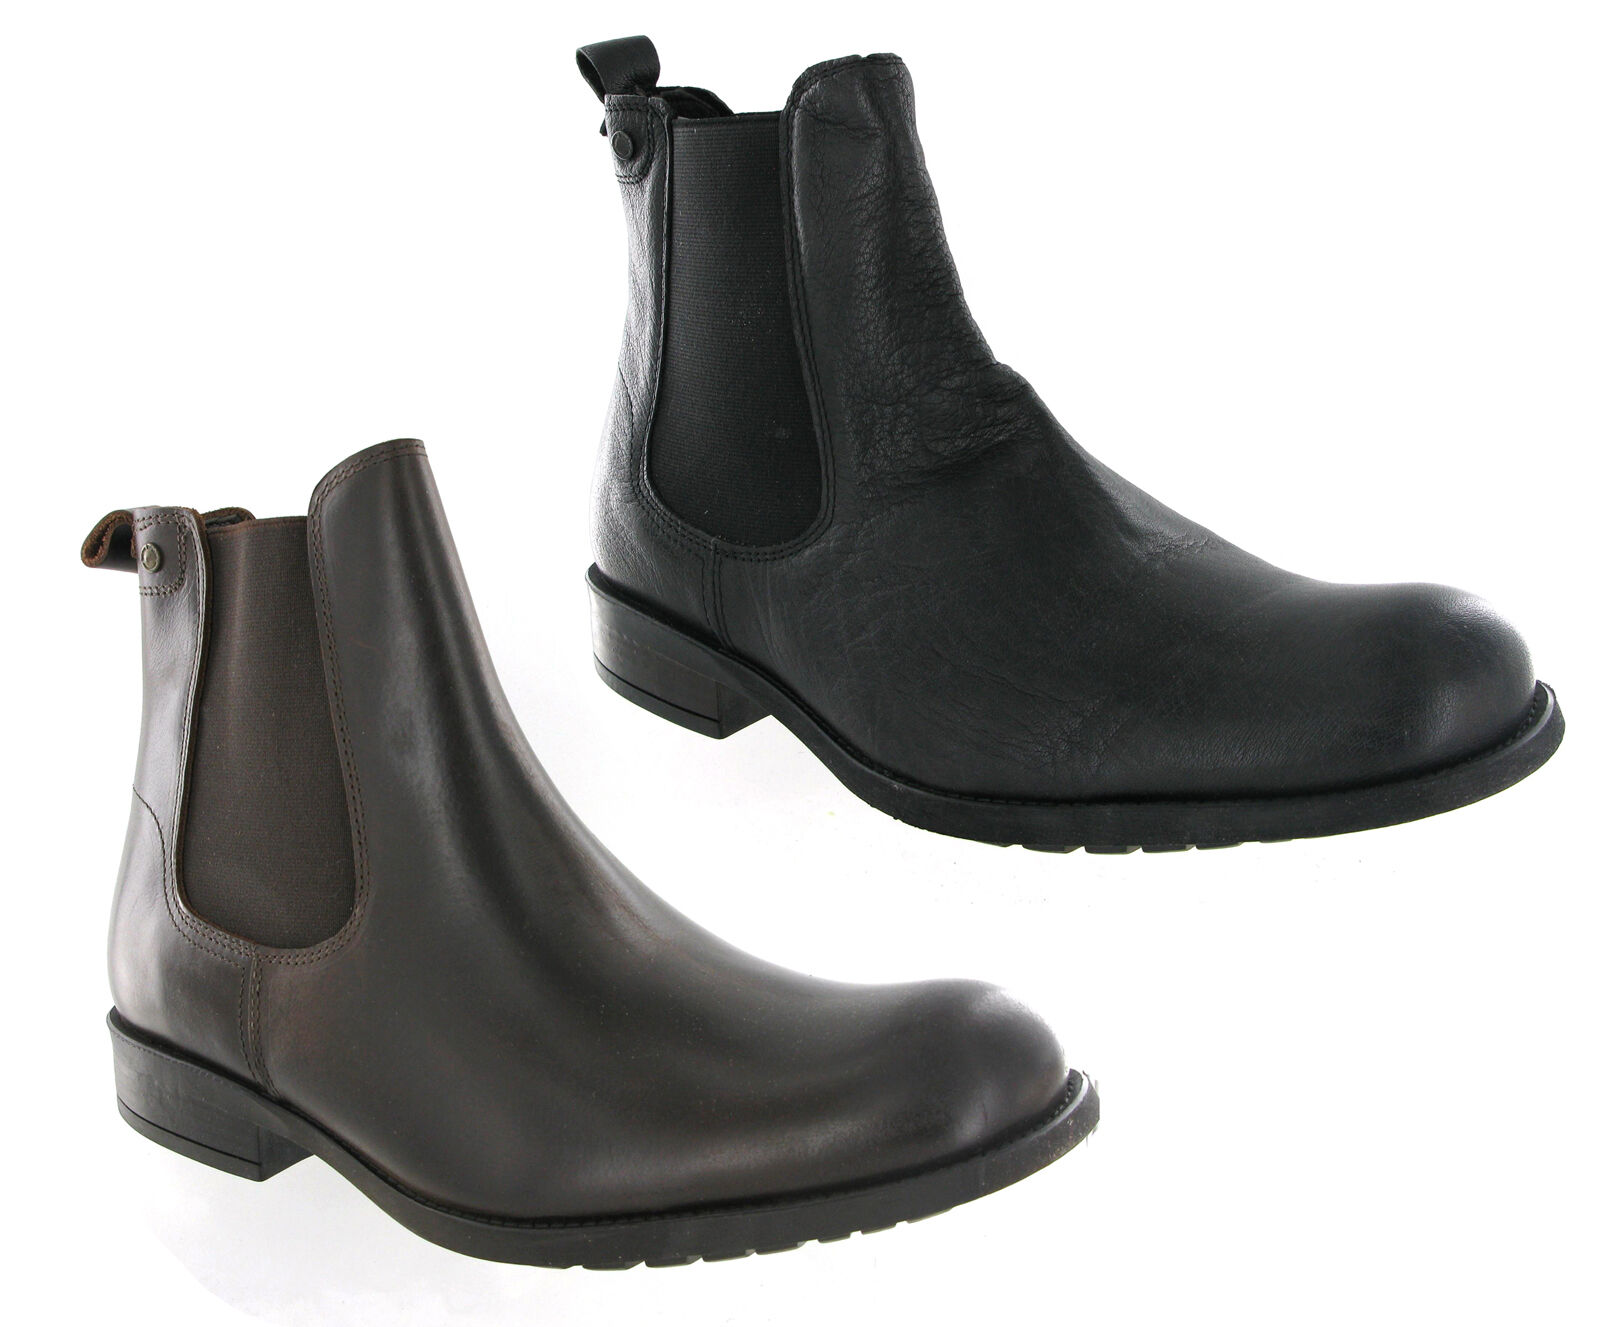 Base Leder London Copper schwarz Braun Leder Base Chelsea Dealer Mens Ankle Stiefel 6-12 a099ab